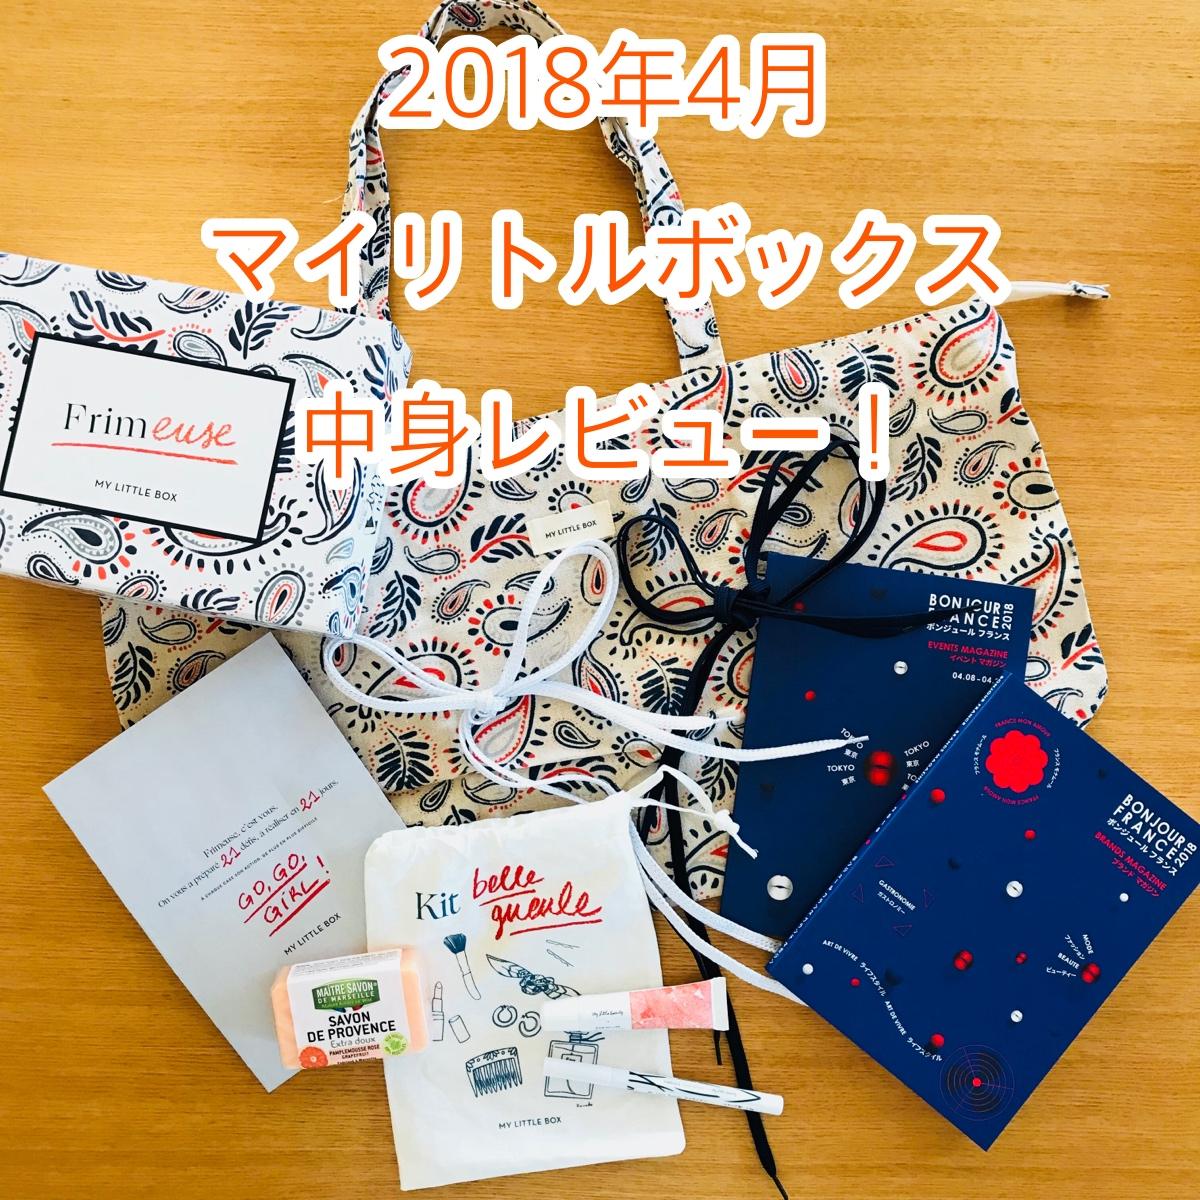 マイリトルボックス 2018 4月 口コミ 評判 感想 レビュー